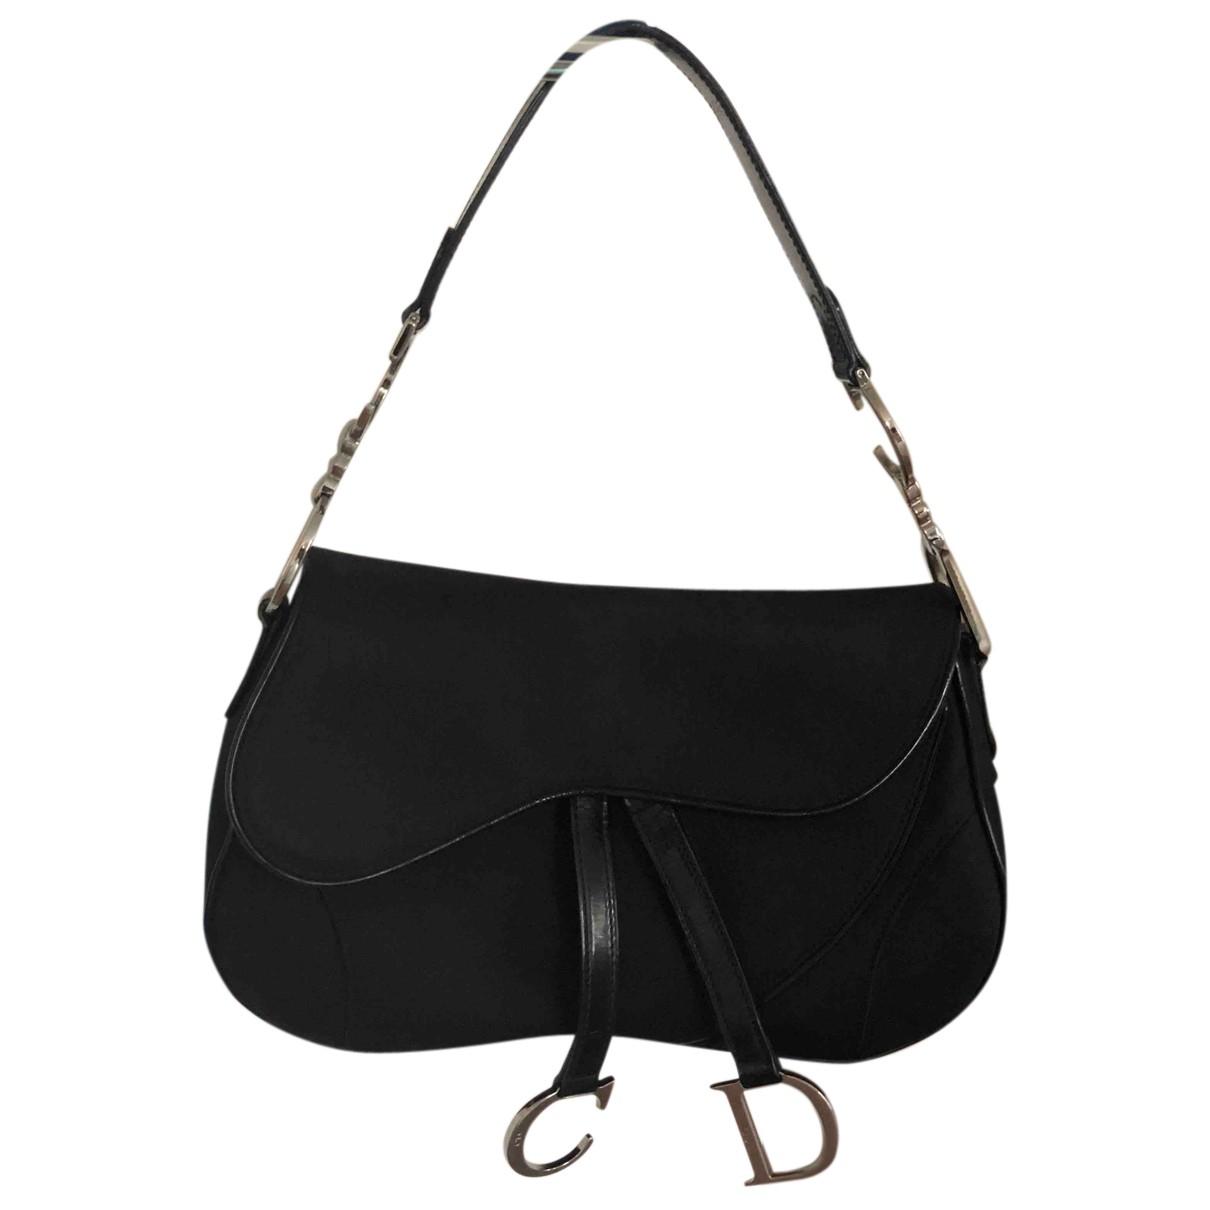 Dior - Sac a main Saddle pour femme en toile - noir